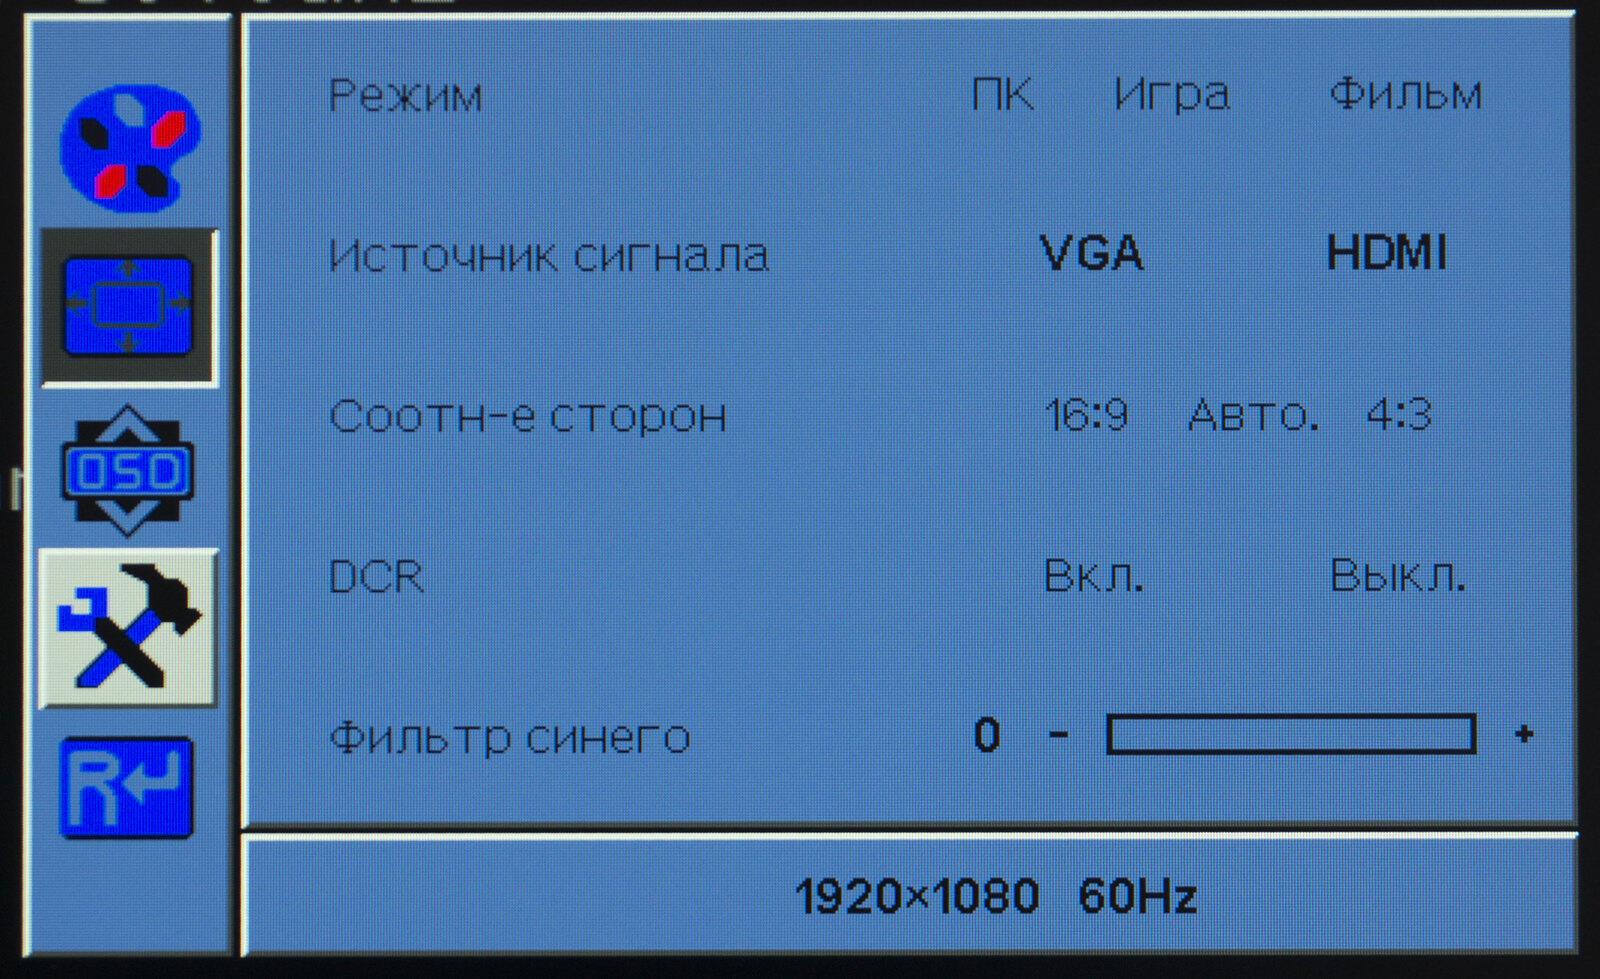 """Periferiya - Obzor monitora DEXP 27"""" FF270D"""